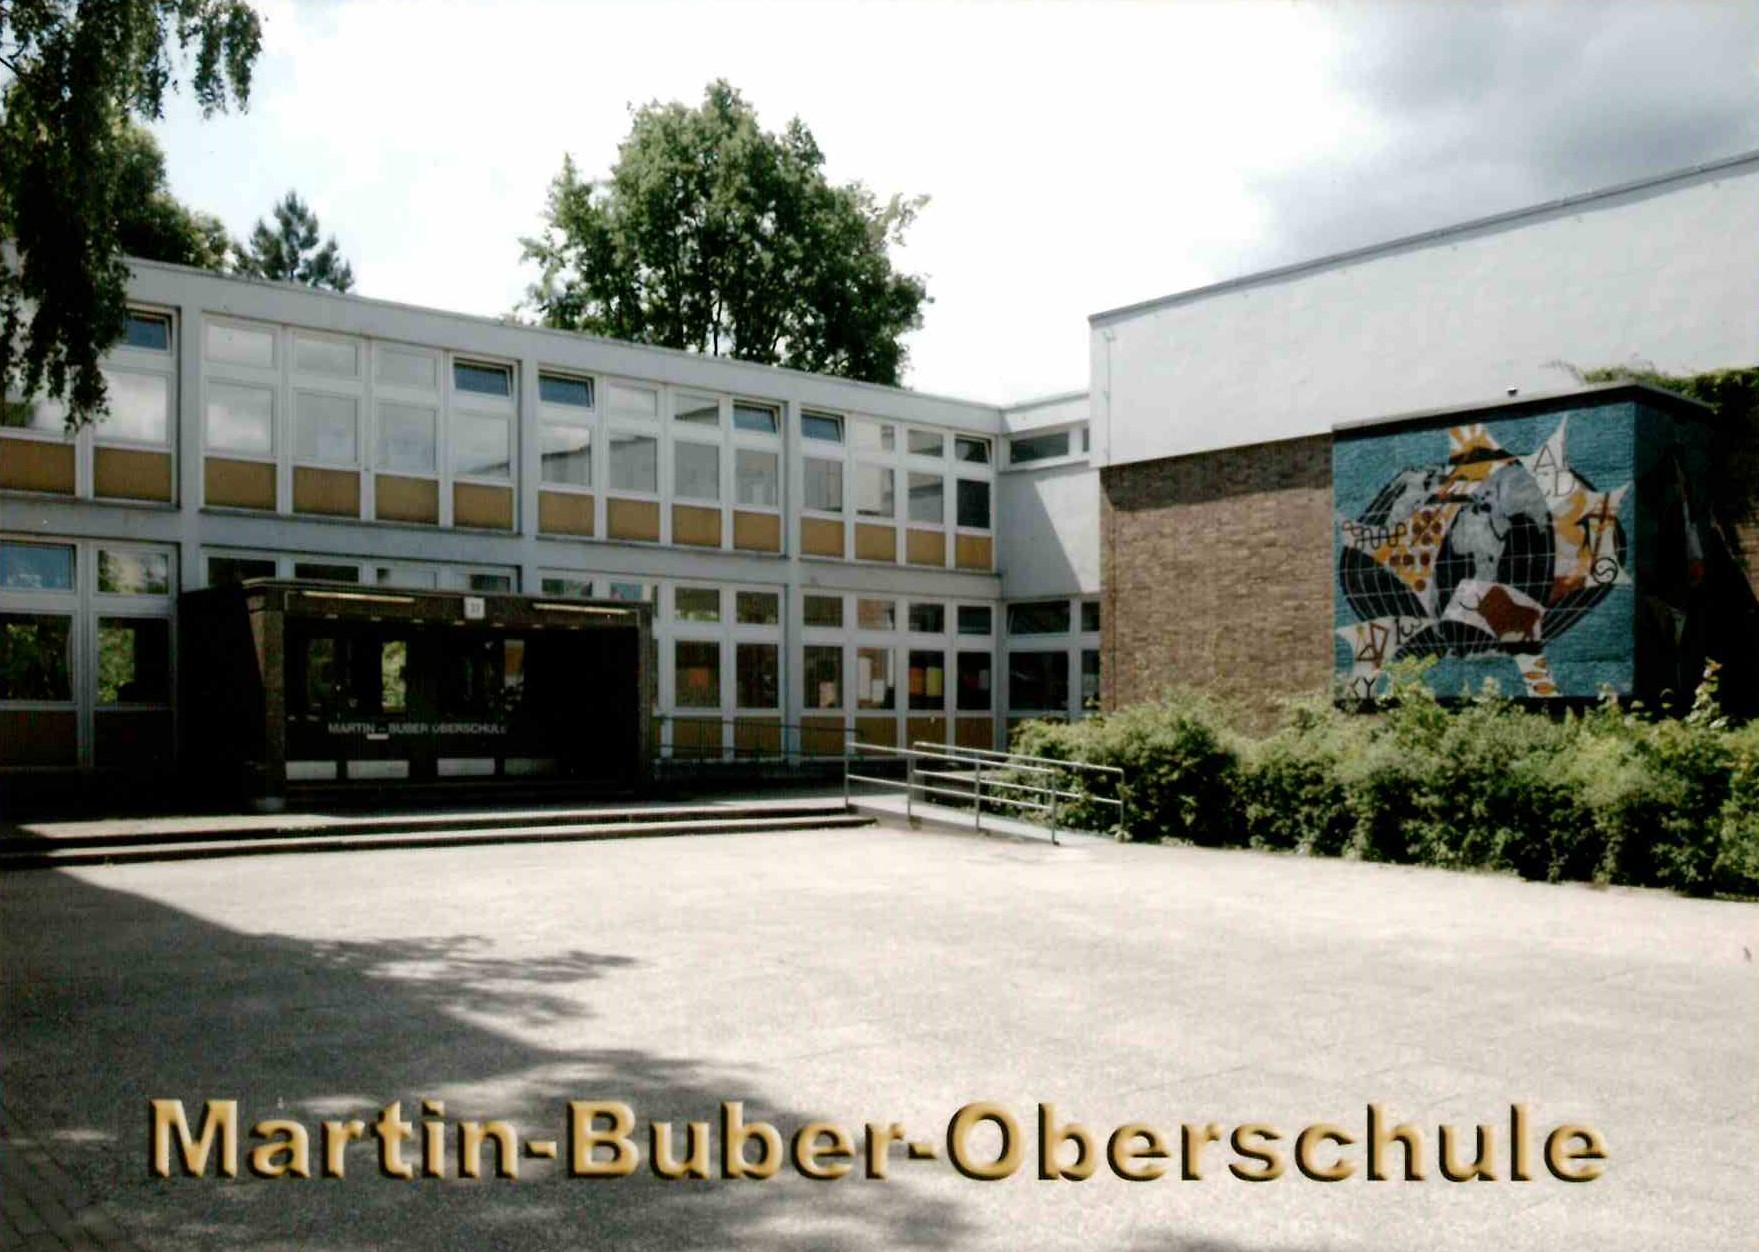 Martin-Buber-Oberschule.jpg